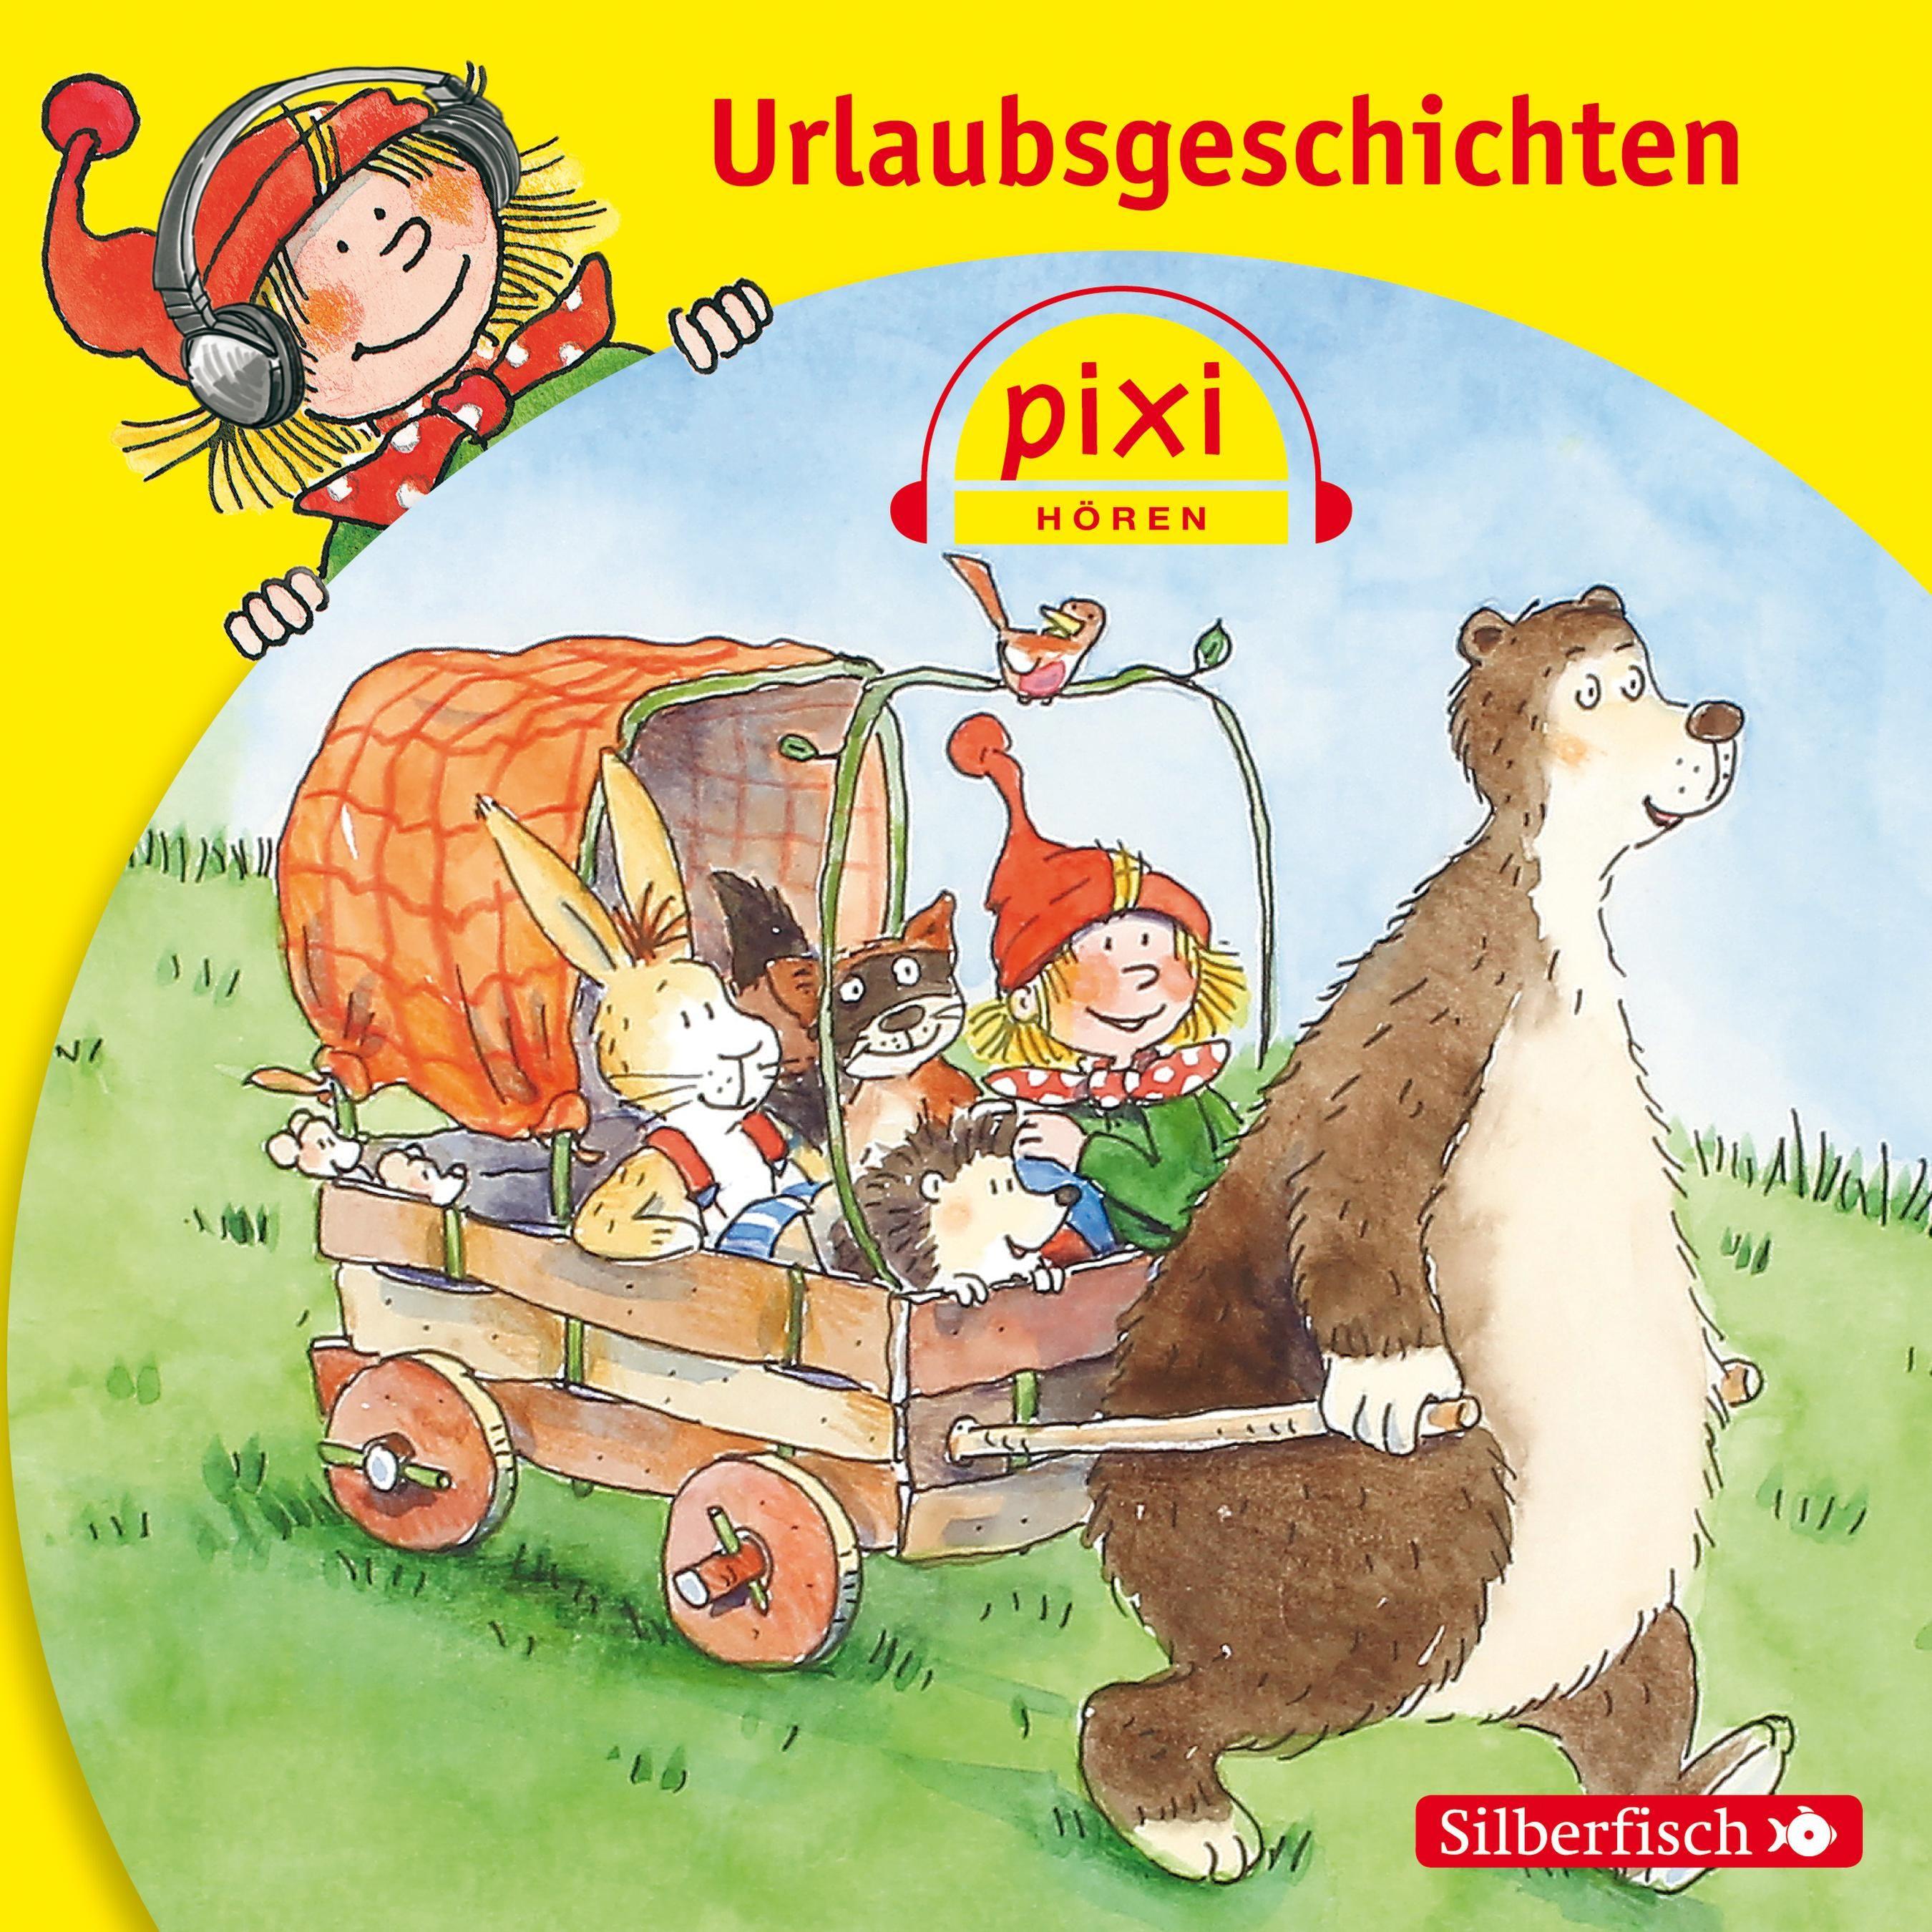 Pixi Hören - Urlaubsgeschichten